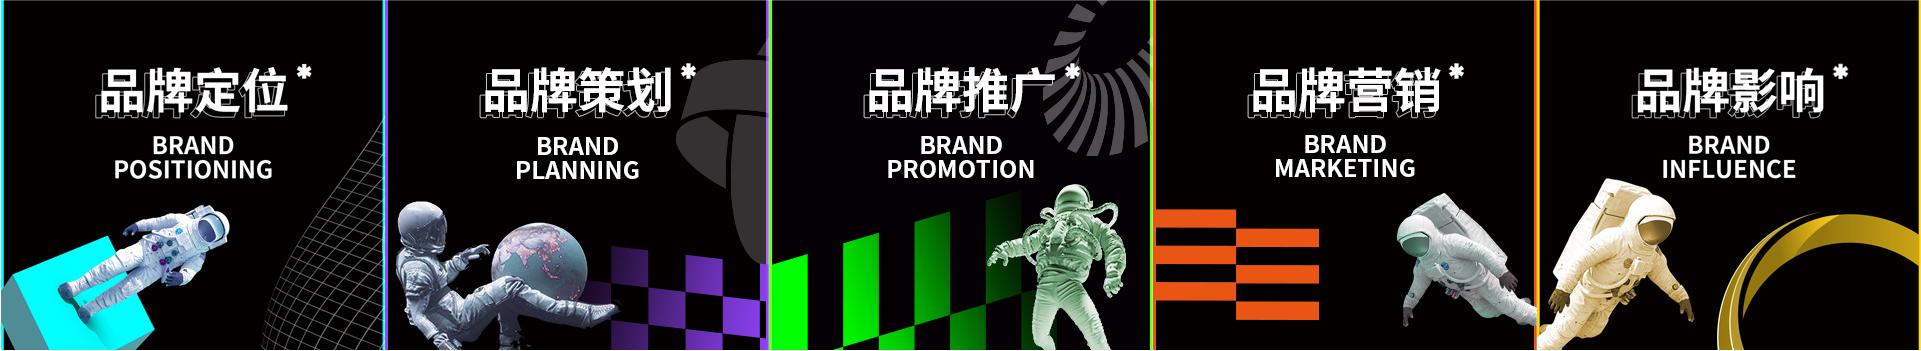 上海国际设计周品牌设计